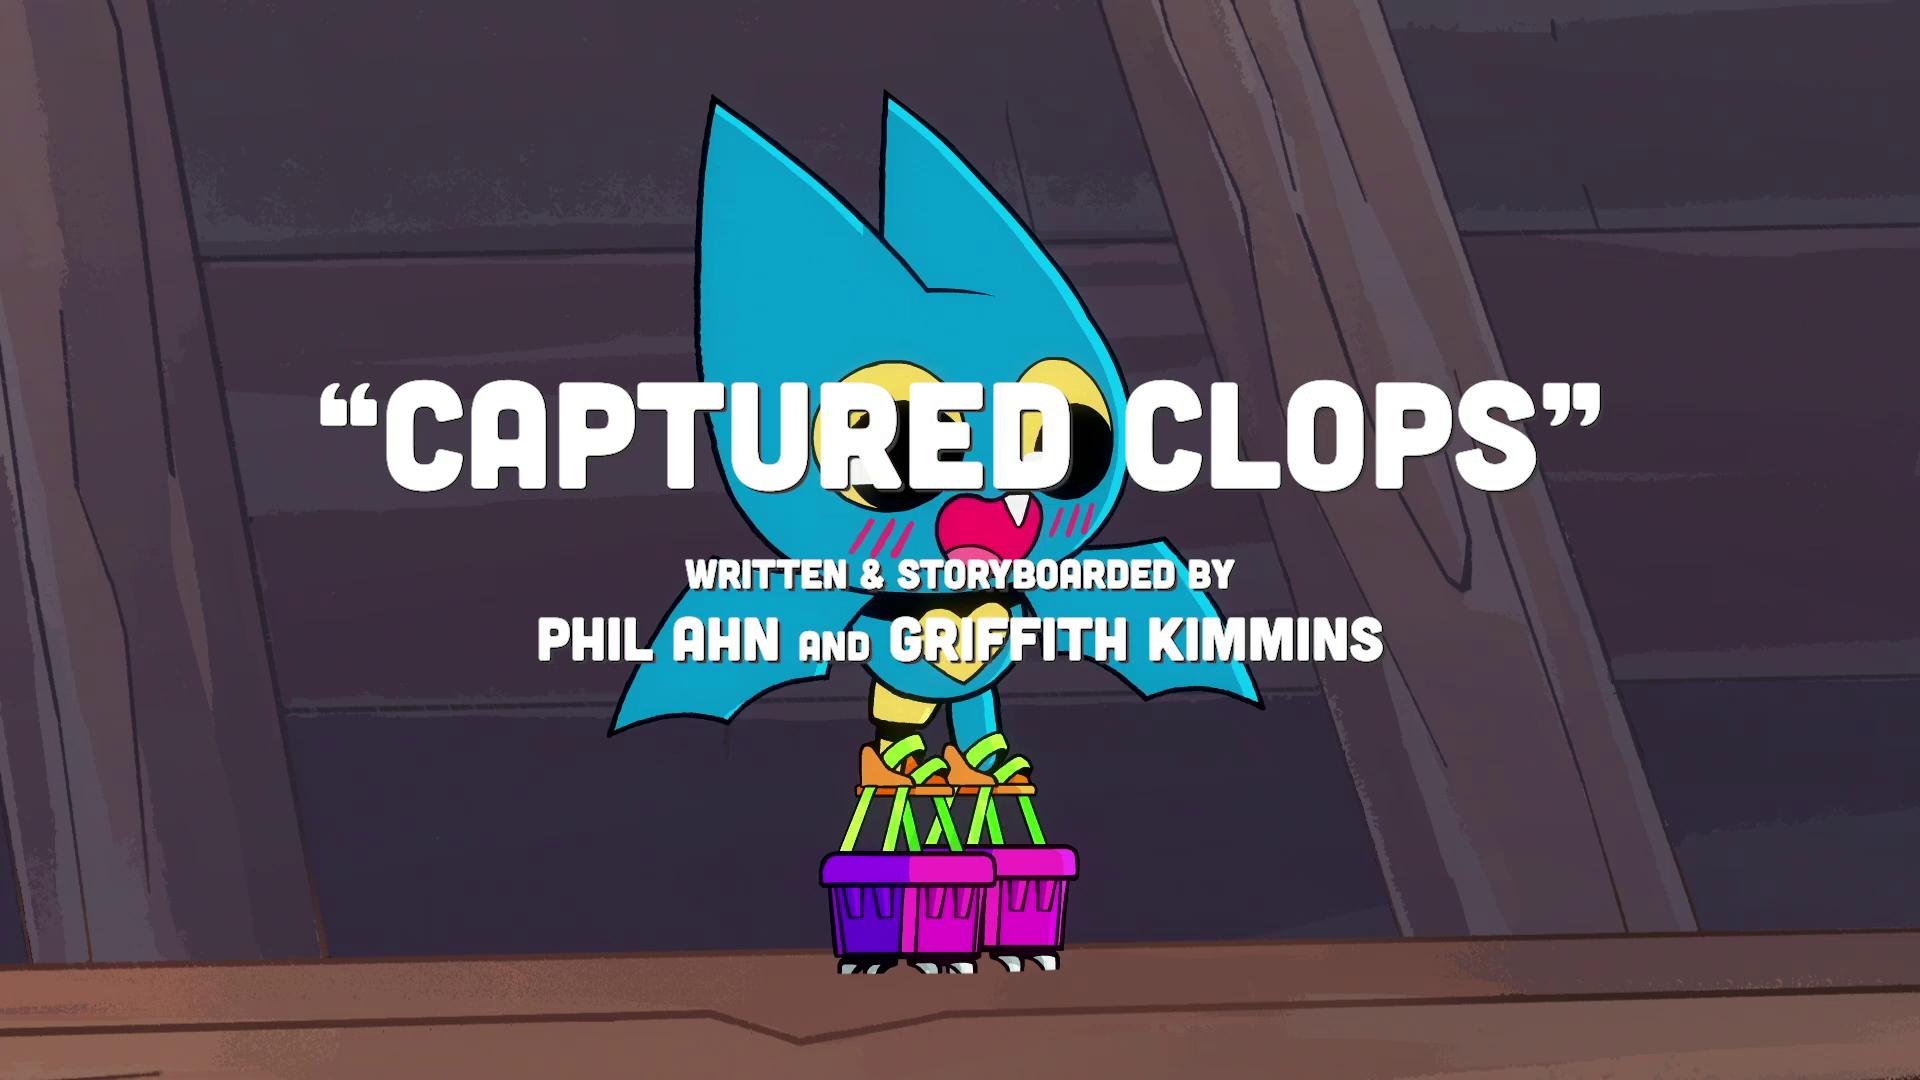 Captured Clops